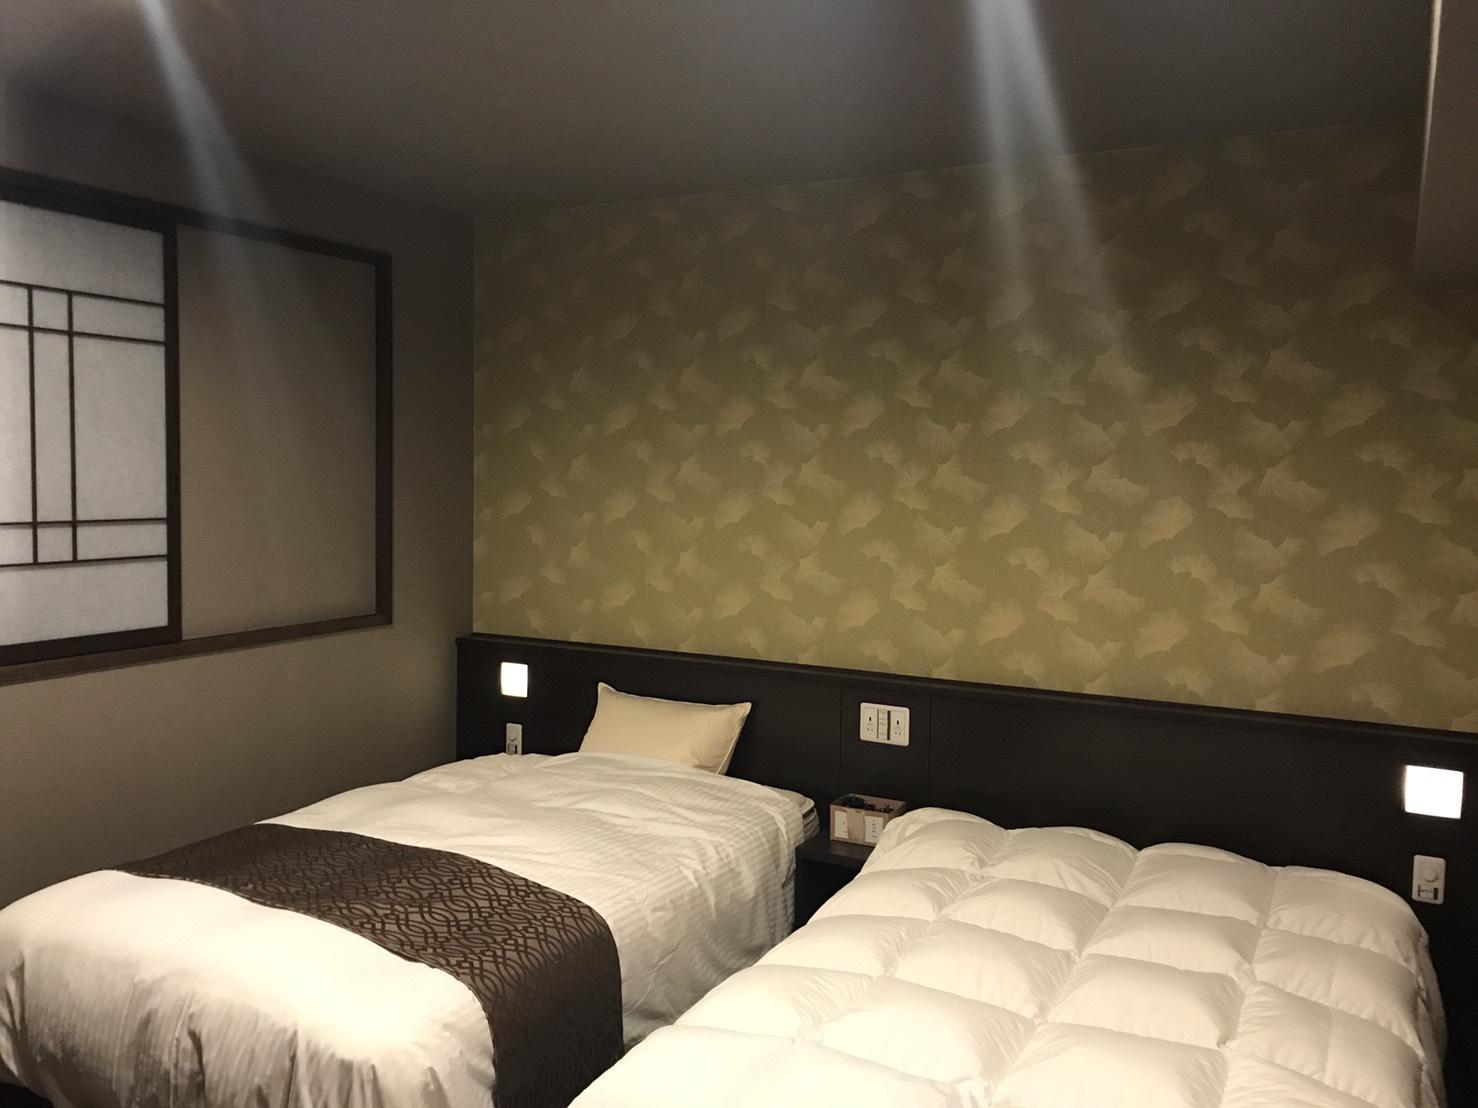 ホテルの客室の壁紙の施工を行いました 京都のインテリア 内装会社